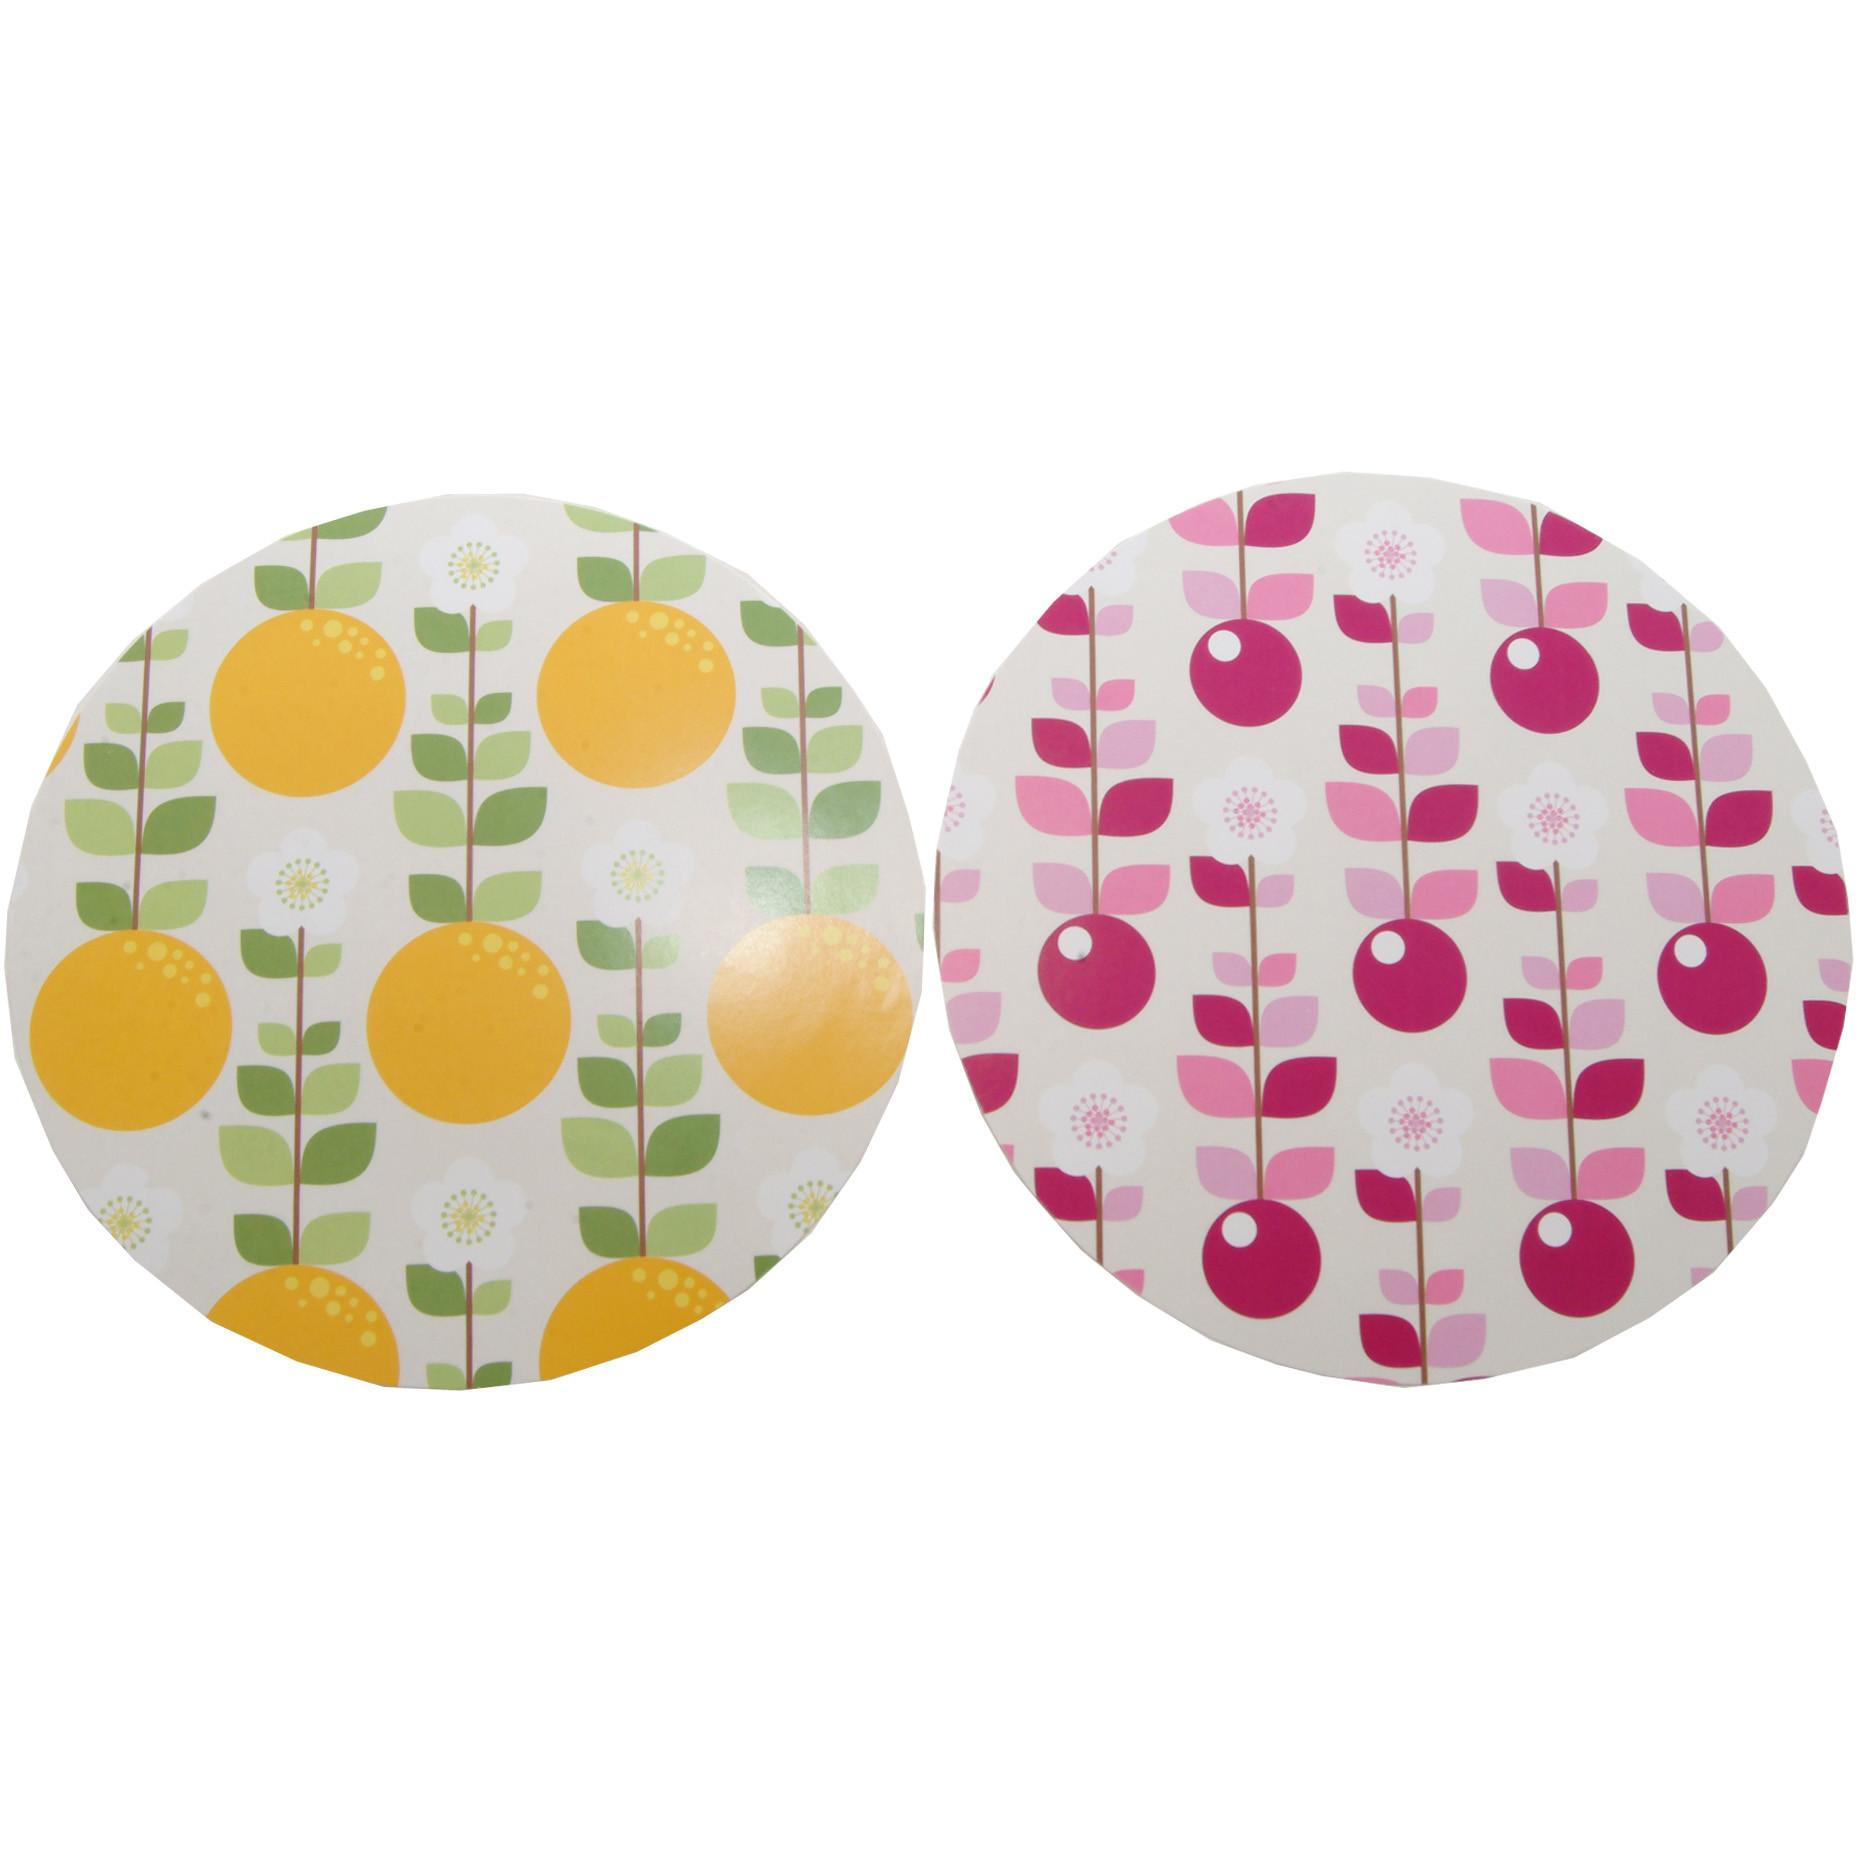 Kilner Fruit Blossom Jam Jar Cover, Pack of 24